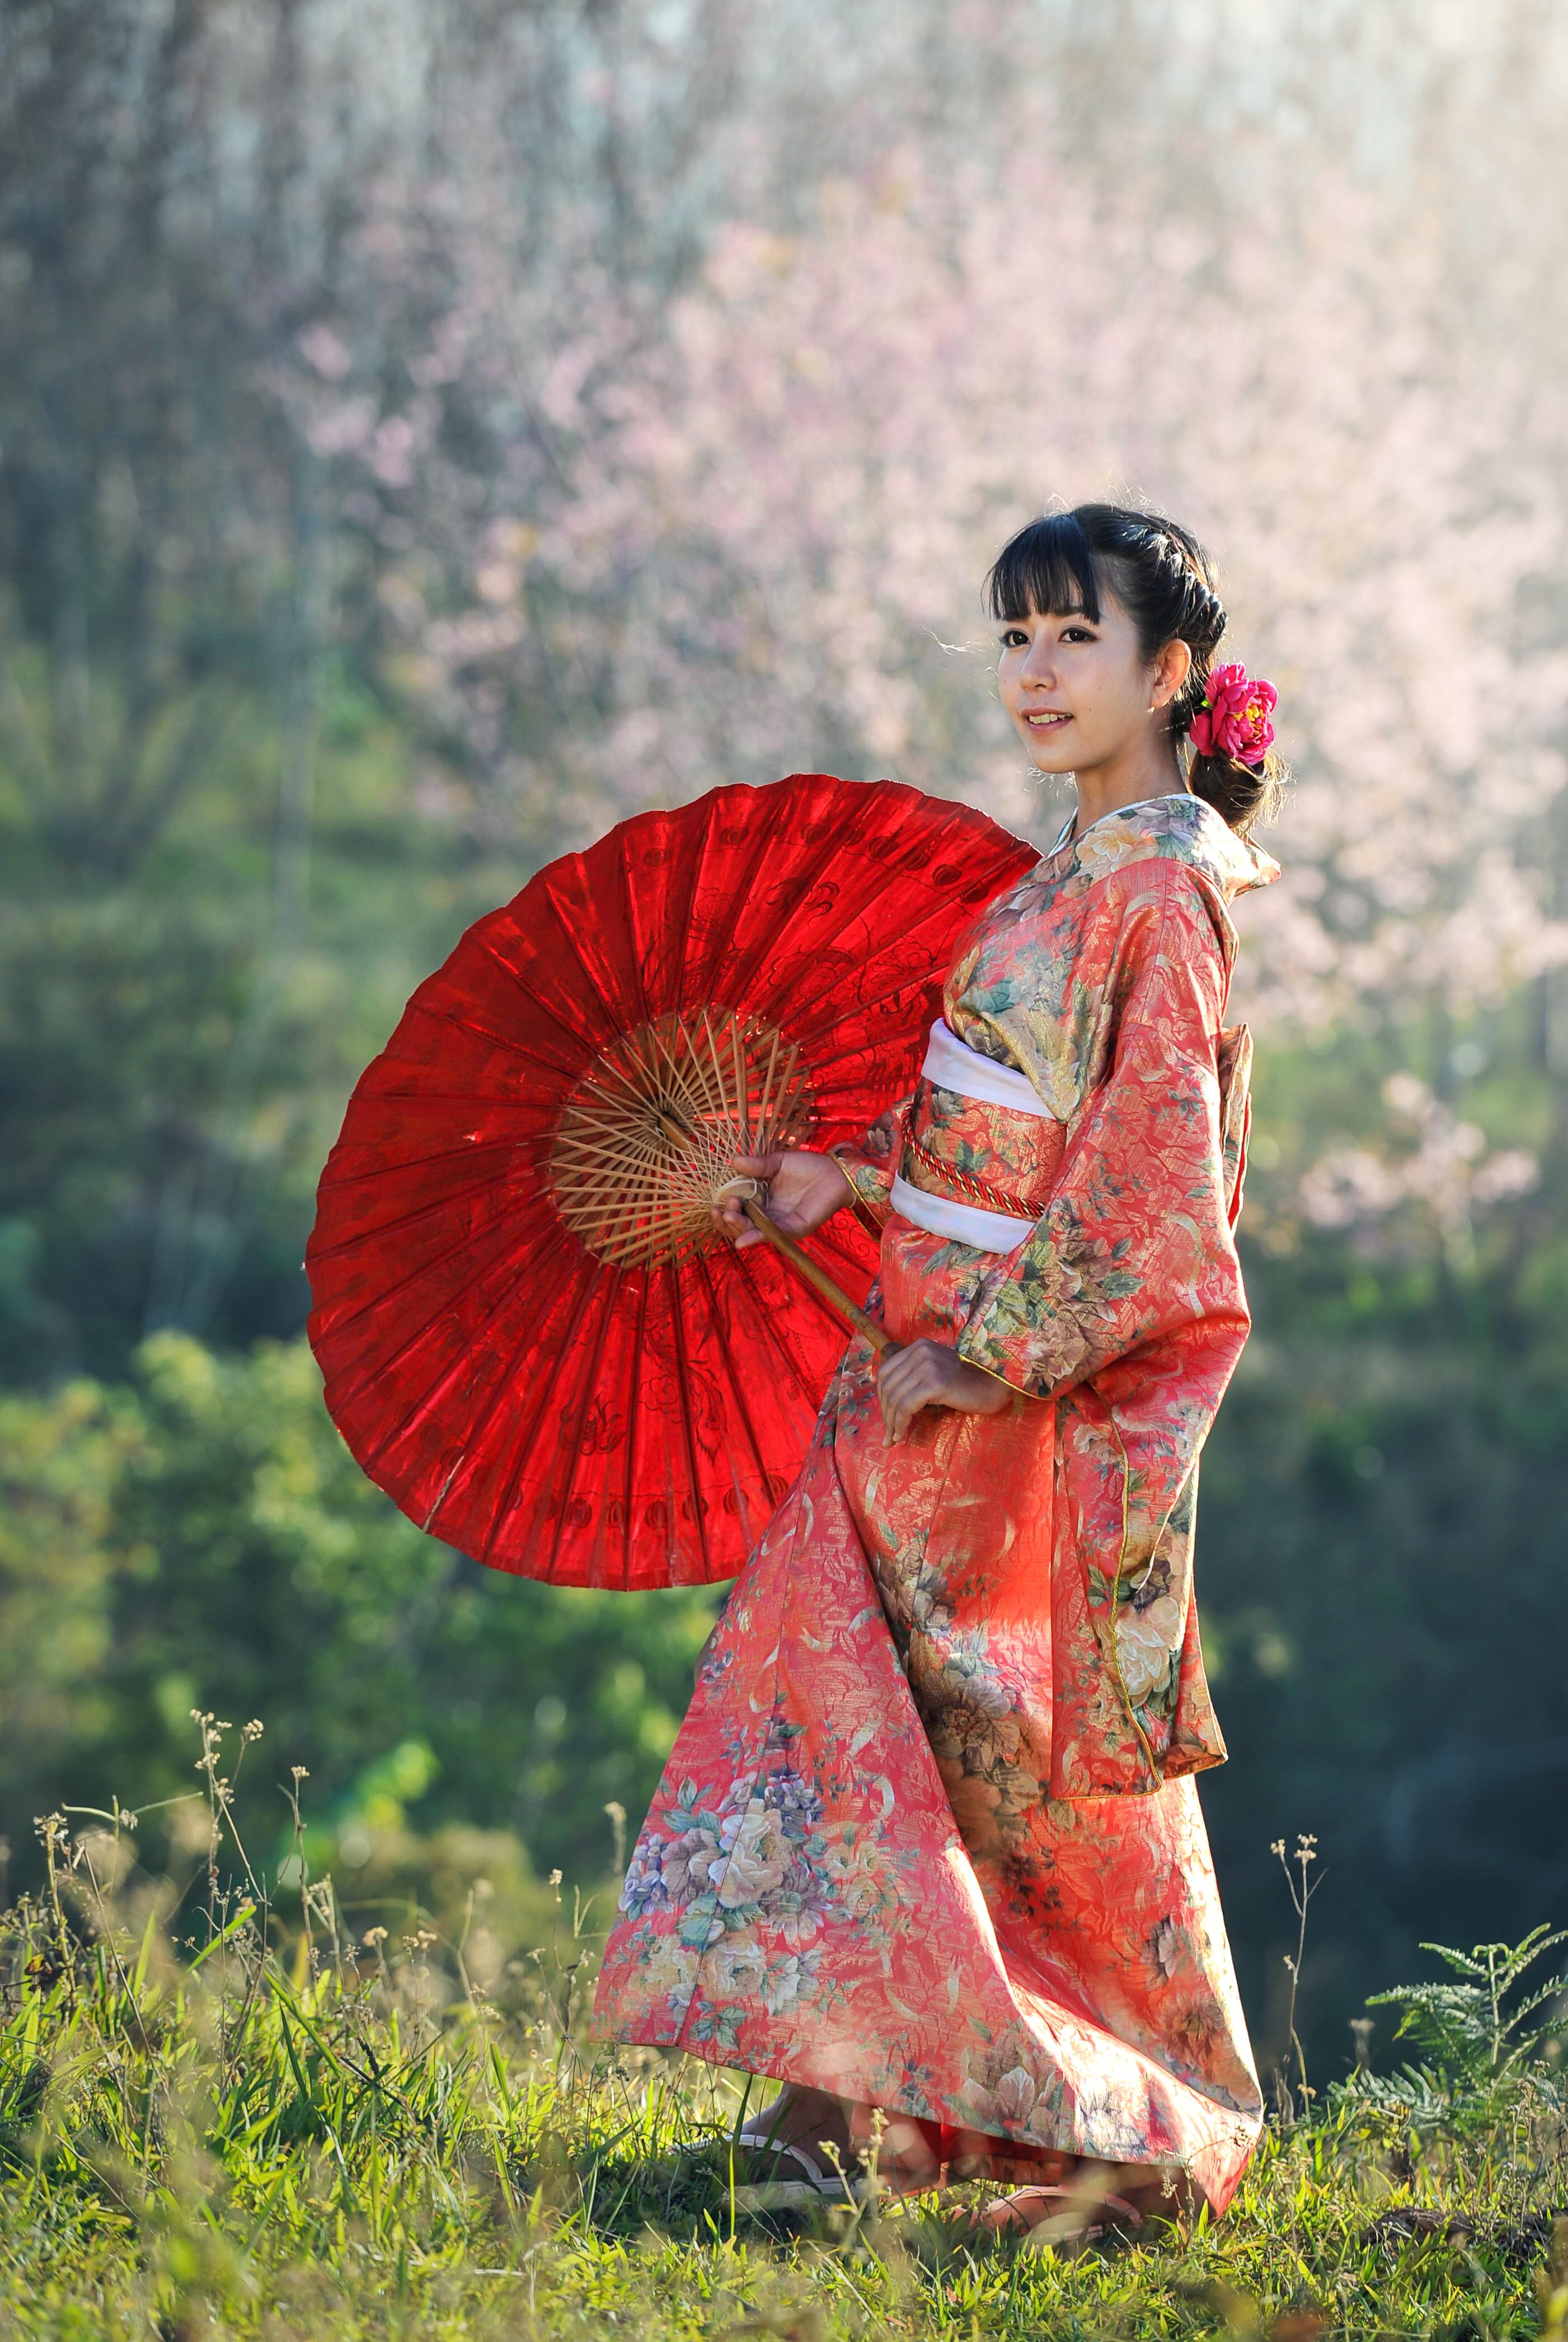 私も着てみたい!着物で京都散策する外国人女性についた海外からのほっこりコメント